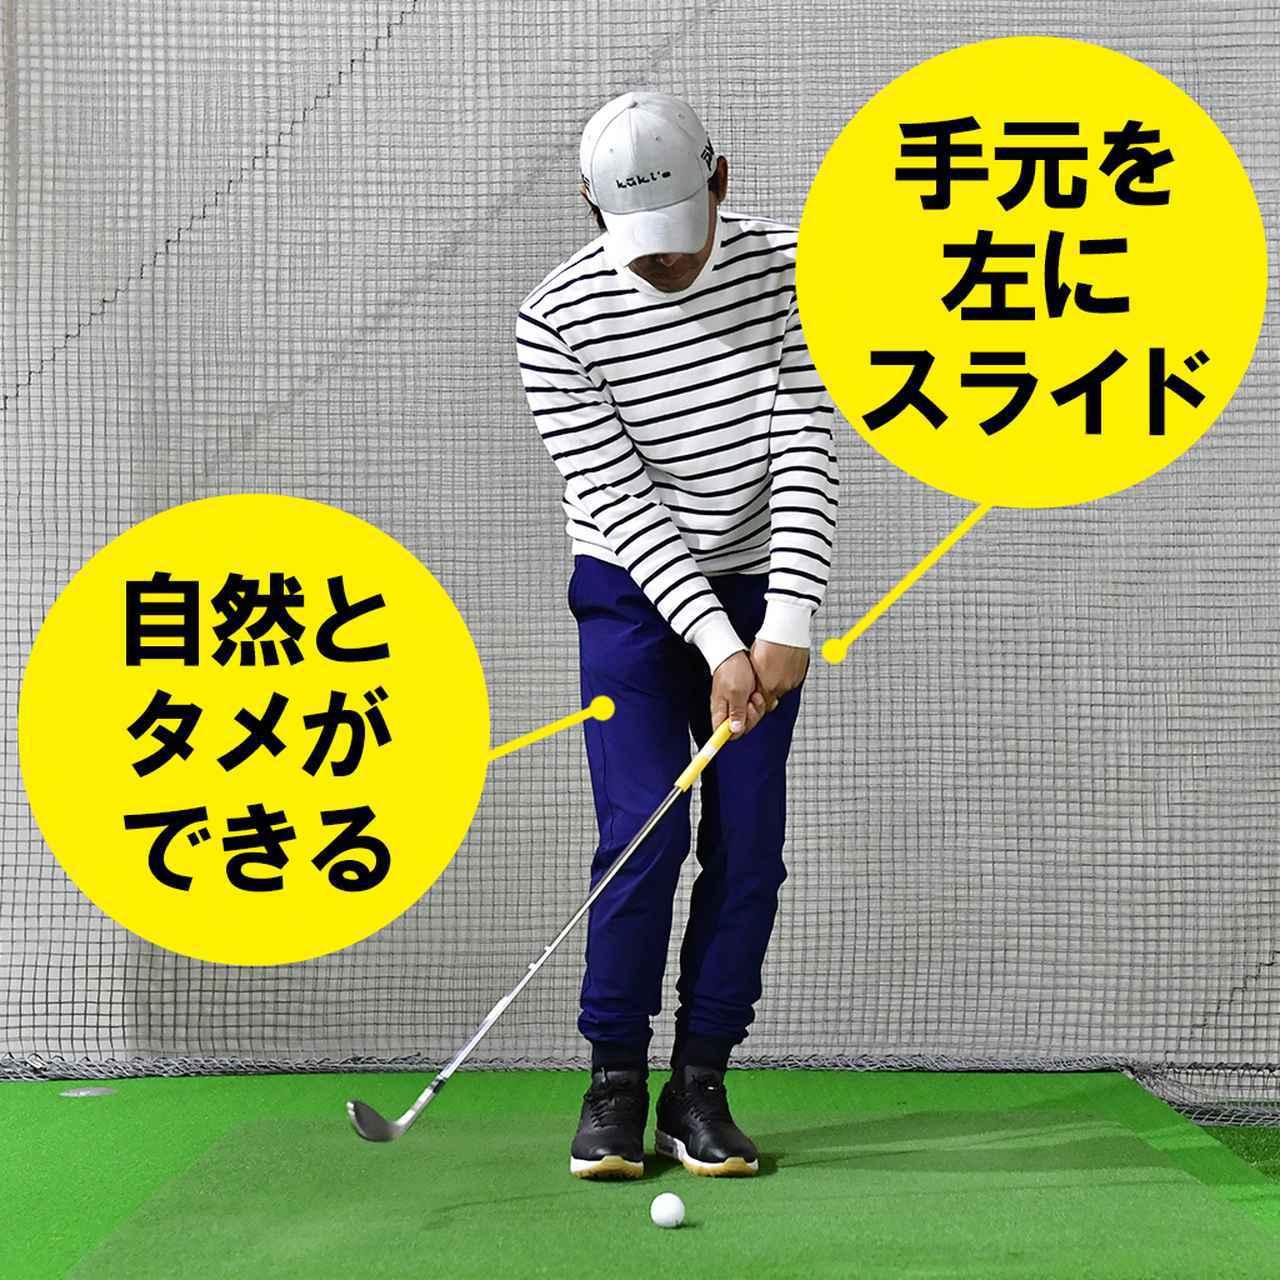 画像3: 【自宅練習】コロナ&梅雨の今こそ、自宅でスウィング作り。キャリー1㍎のショット練習